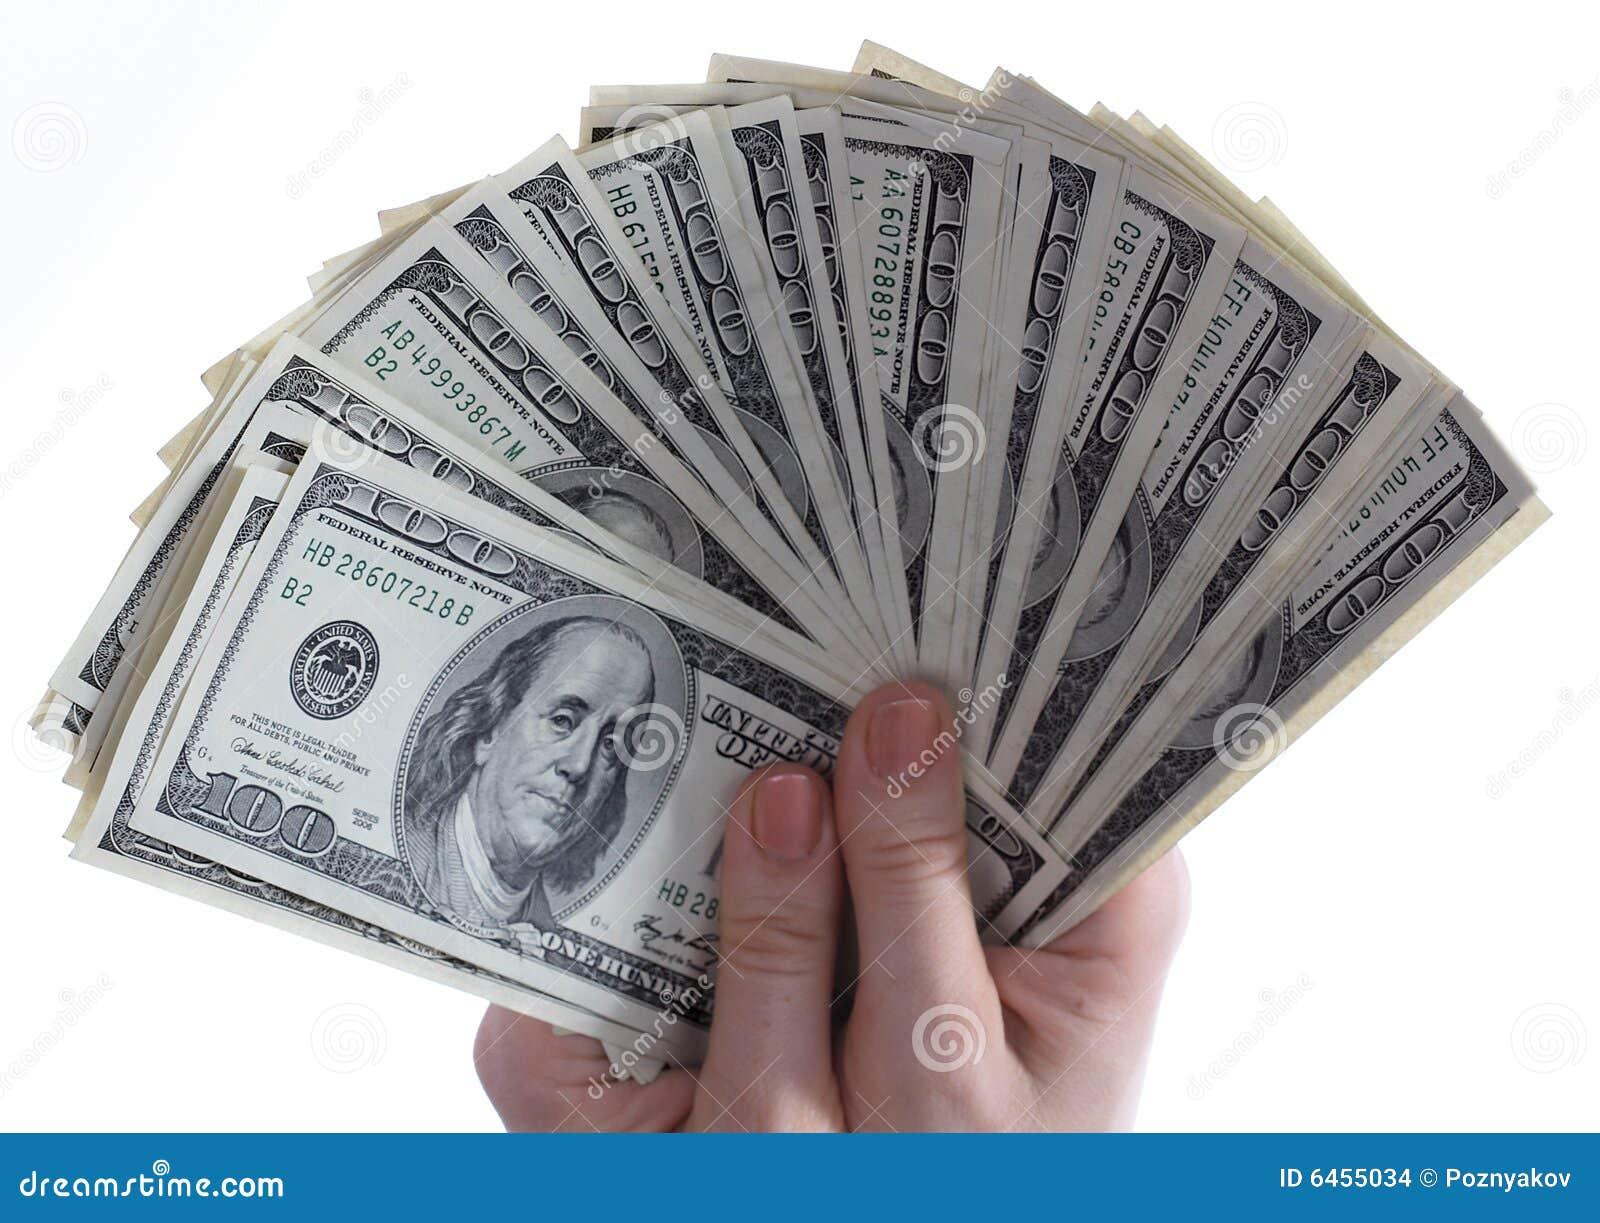 Los dólares están en manos.